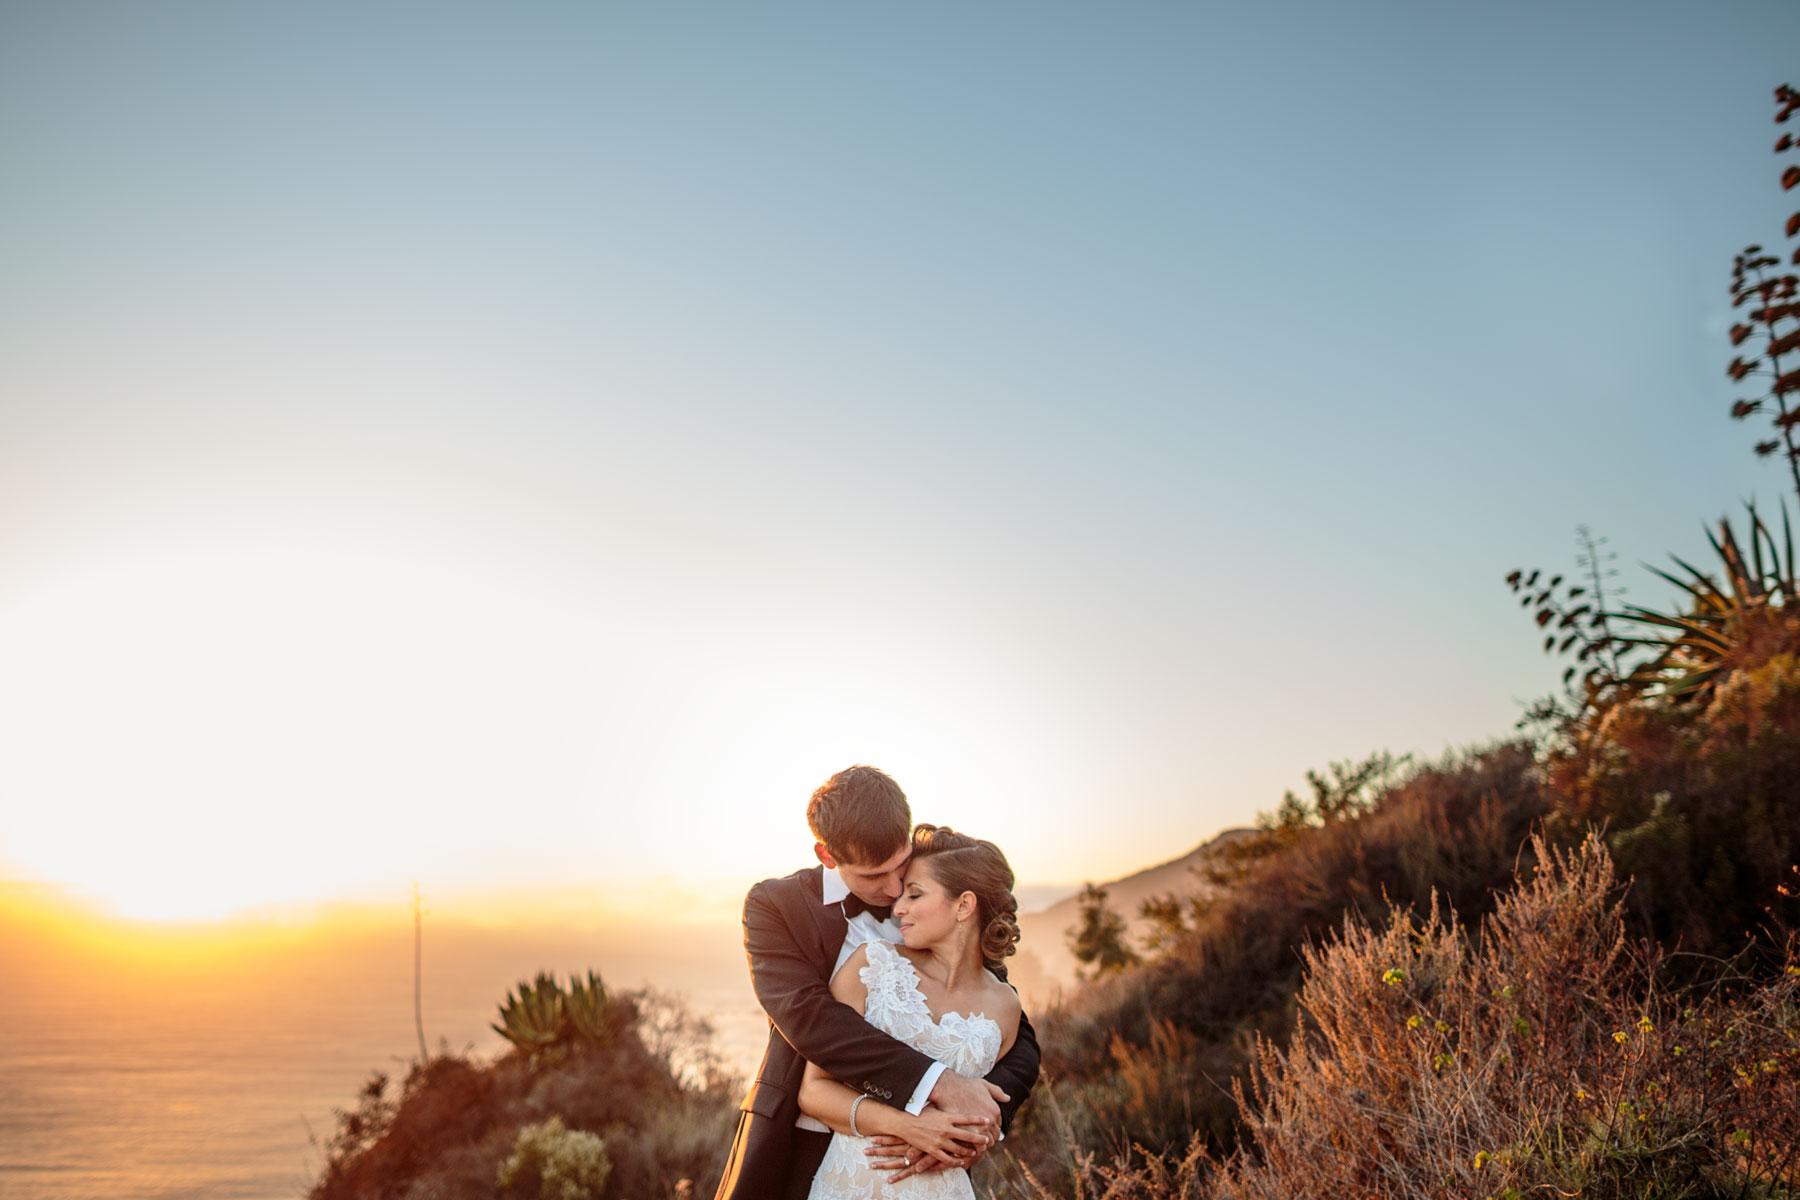 476e1-outdoor-wedding-photo.jpg